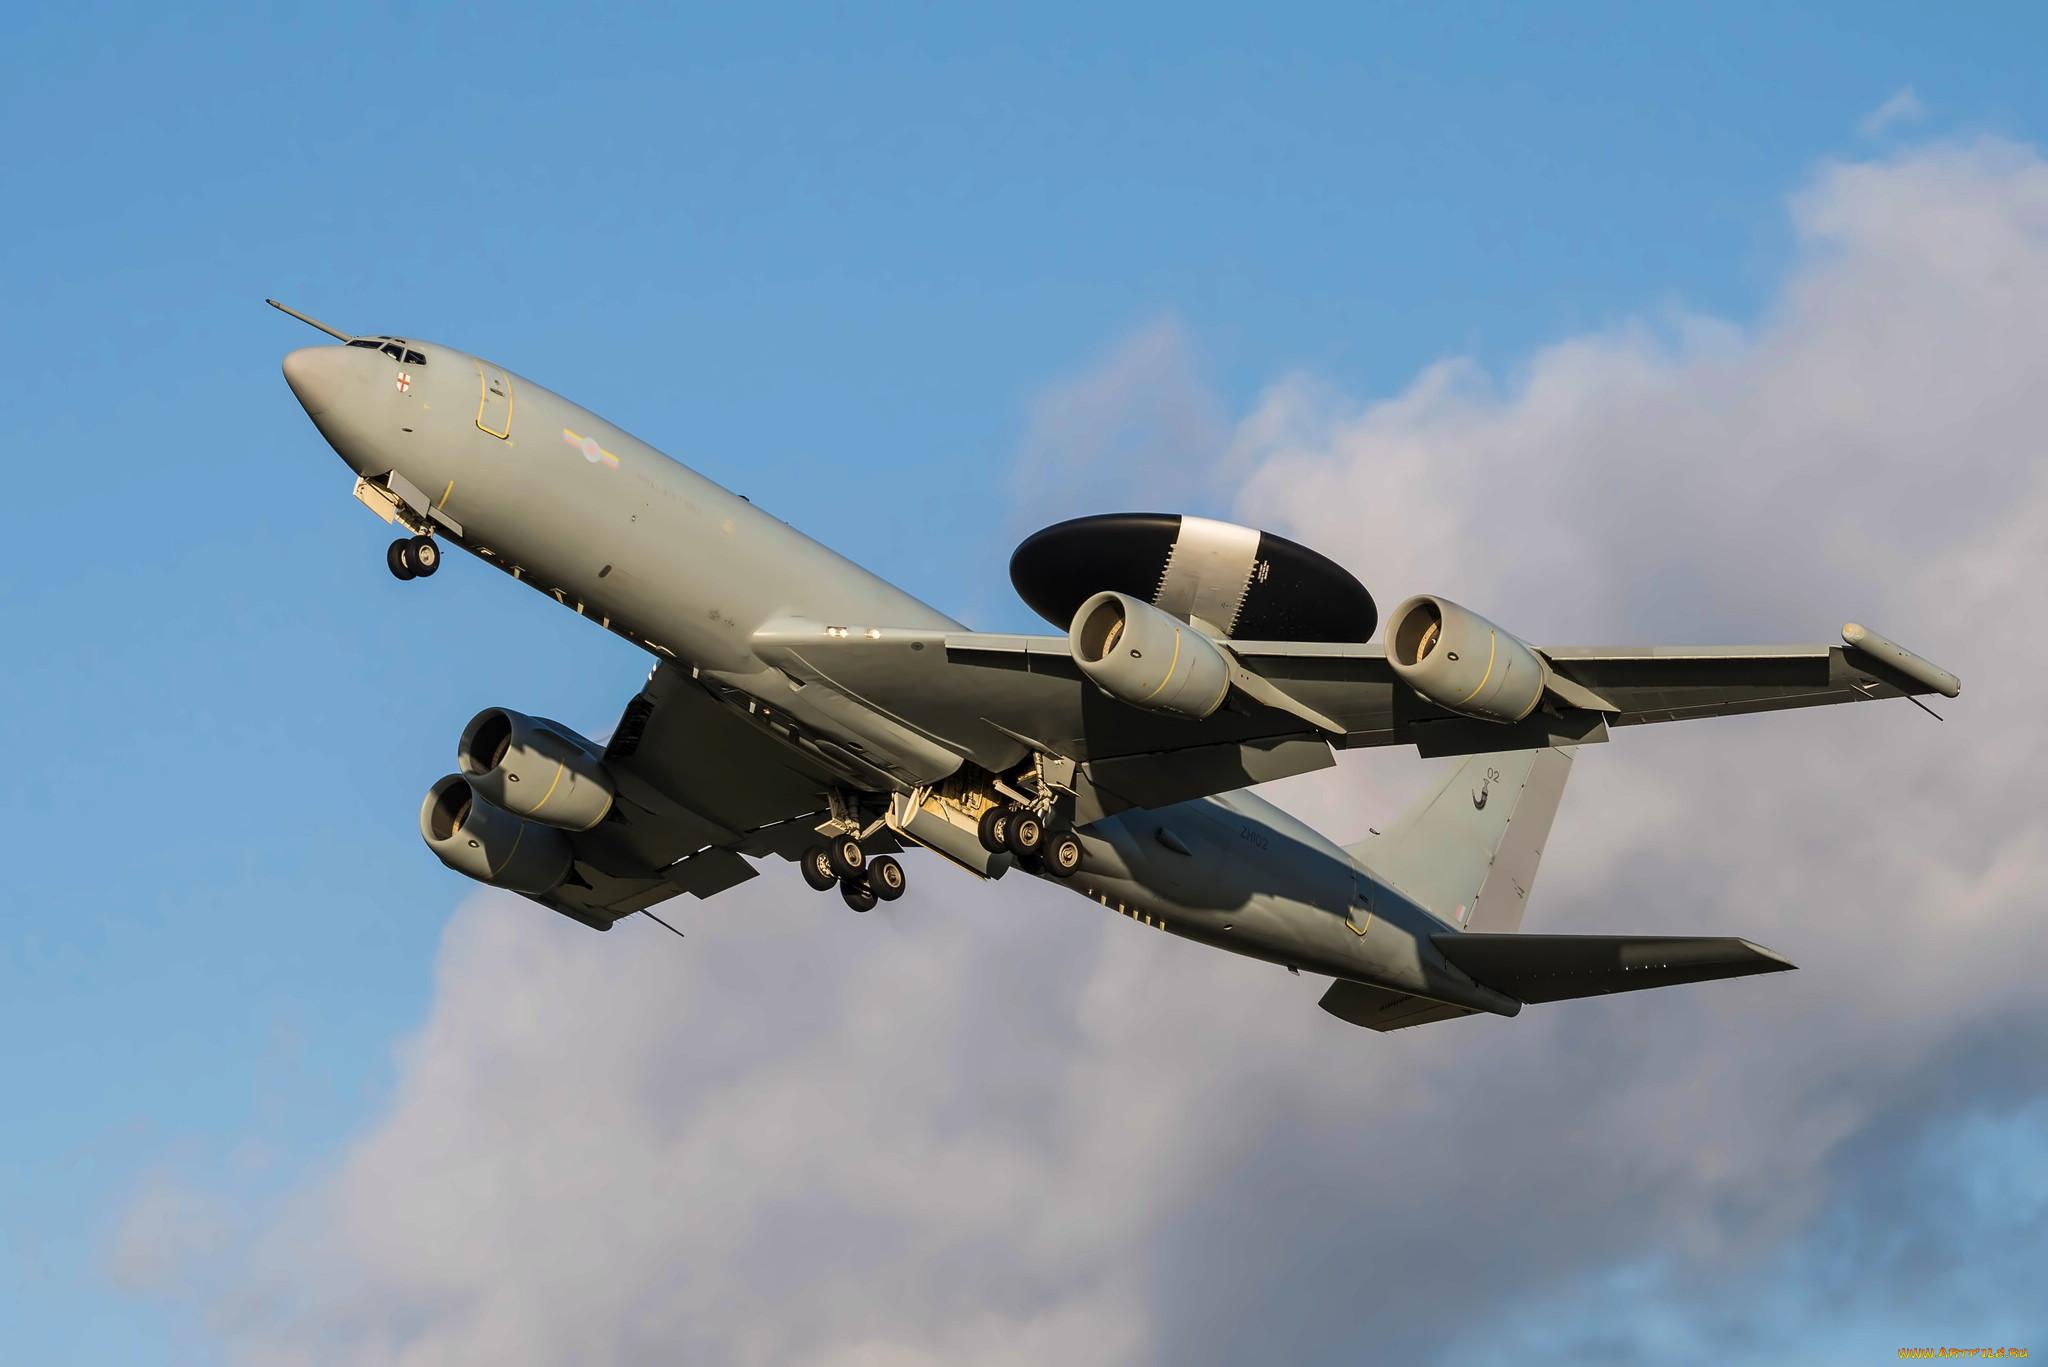 познакомитесь одной авакс самолет фото часть двенадцатиперстной кишки